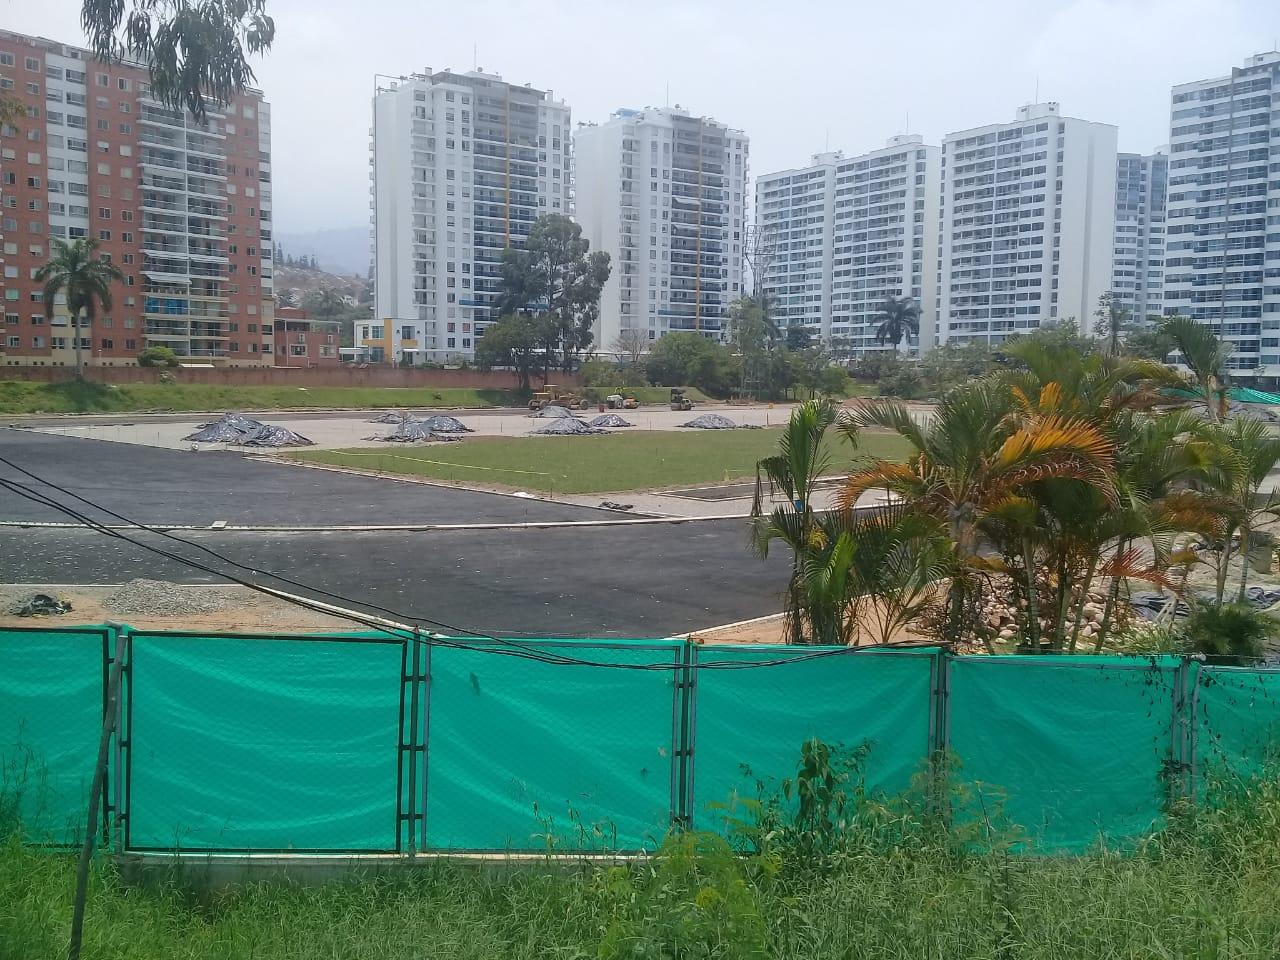 Nueva pista de atletismo ya está en Bucaramanga   Local   Deportes   EL FRENTE